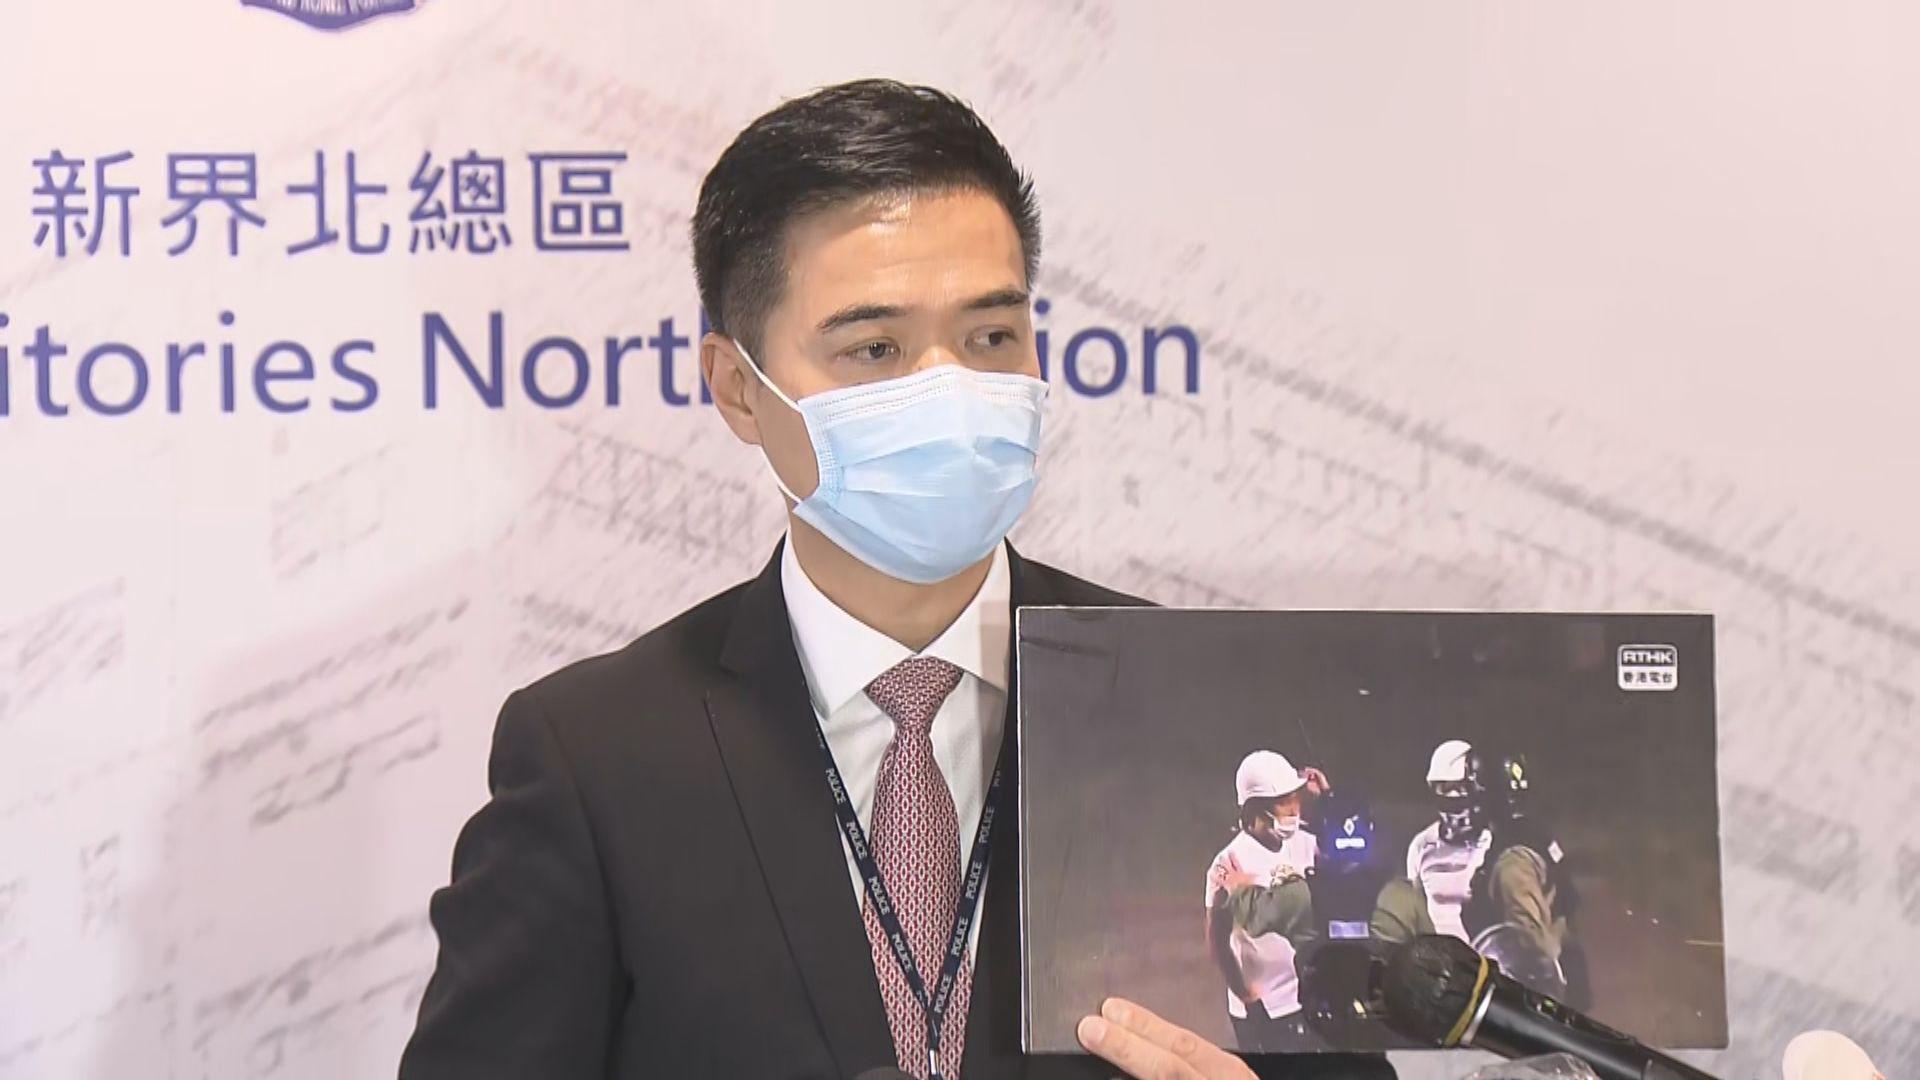 【即日焦點】警指721事件非無差別襲擊 傳媒直播只涵蓋其中一方人士令人誤會;南韓醫生不滿擴大招生名額集體罷診